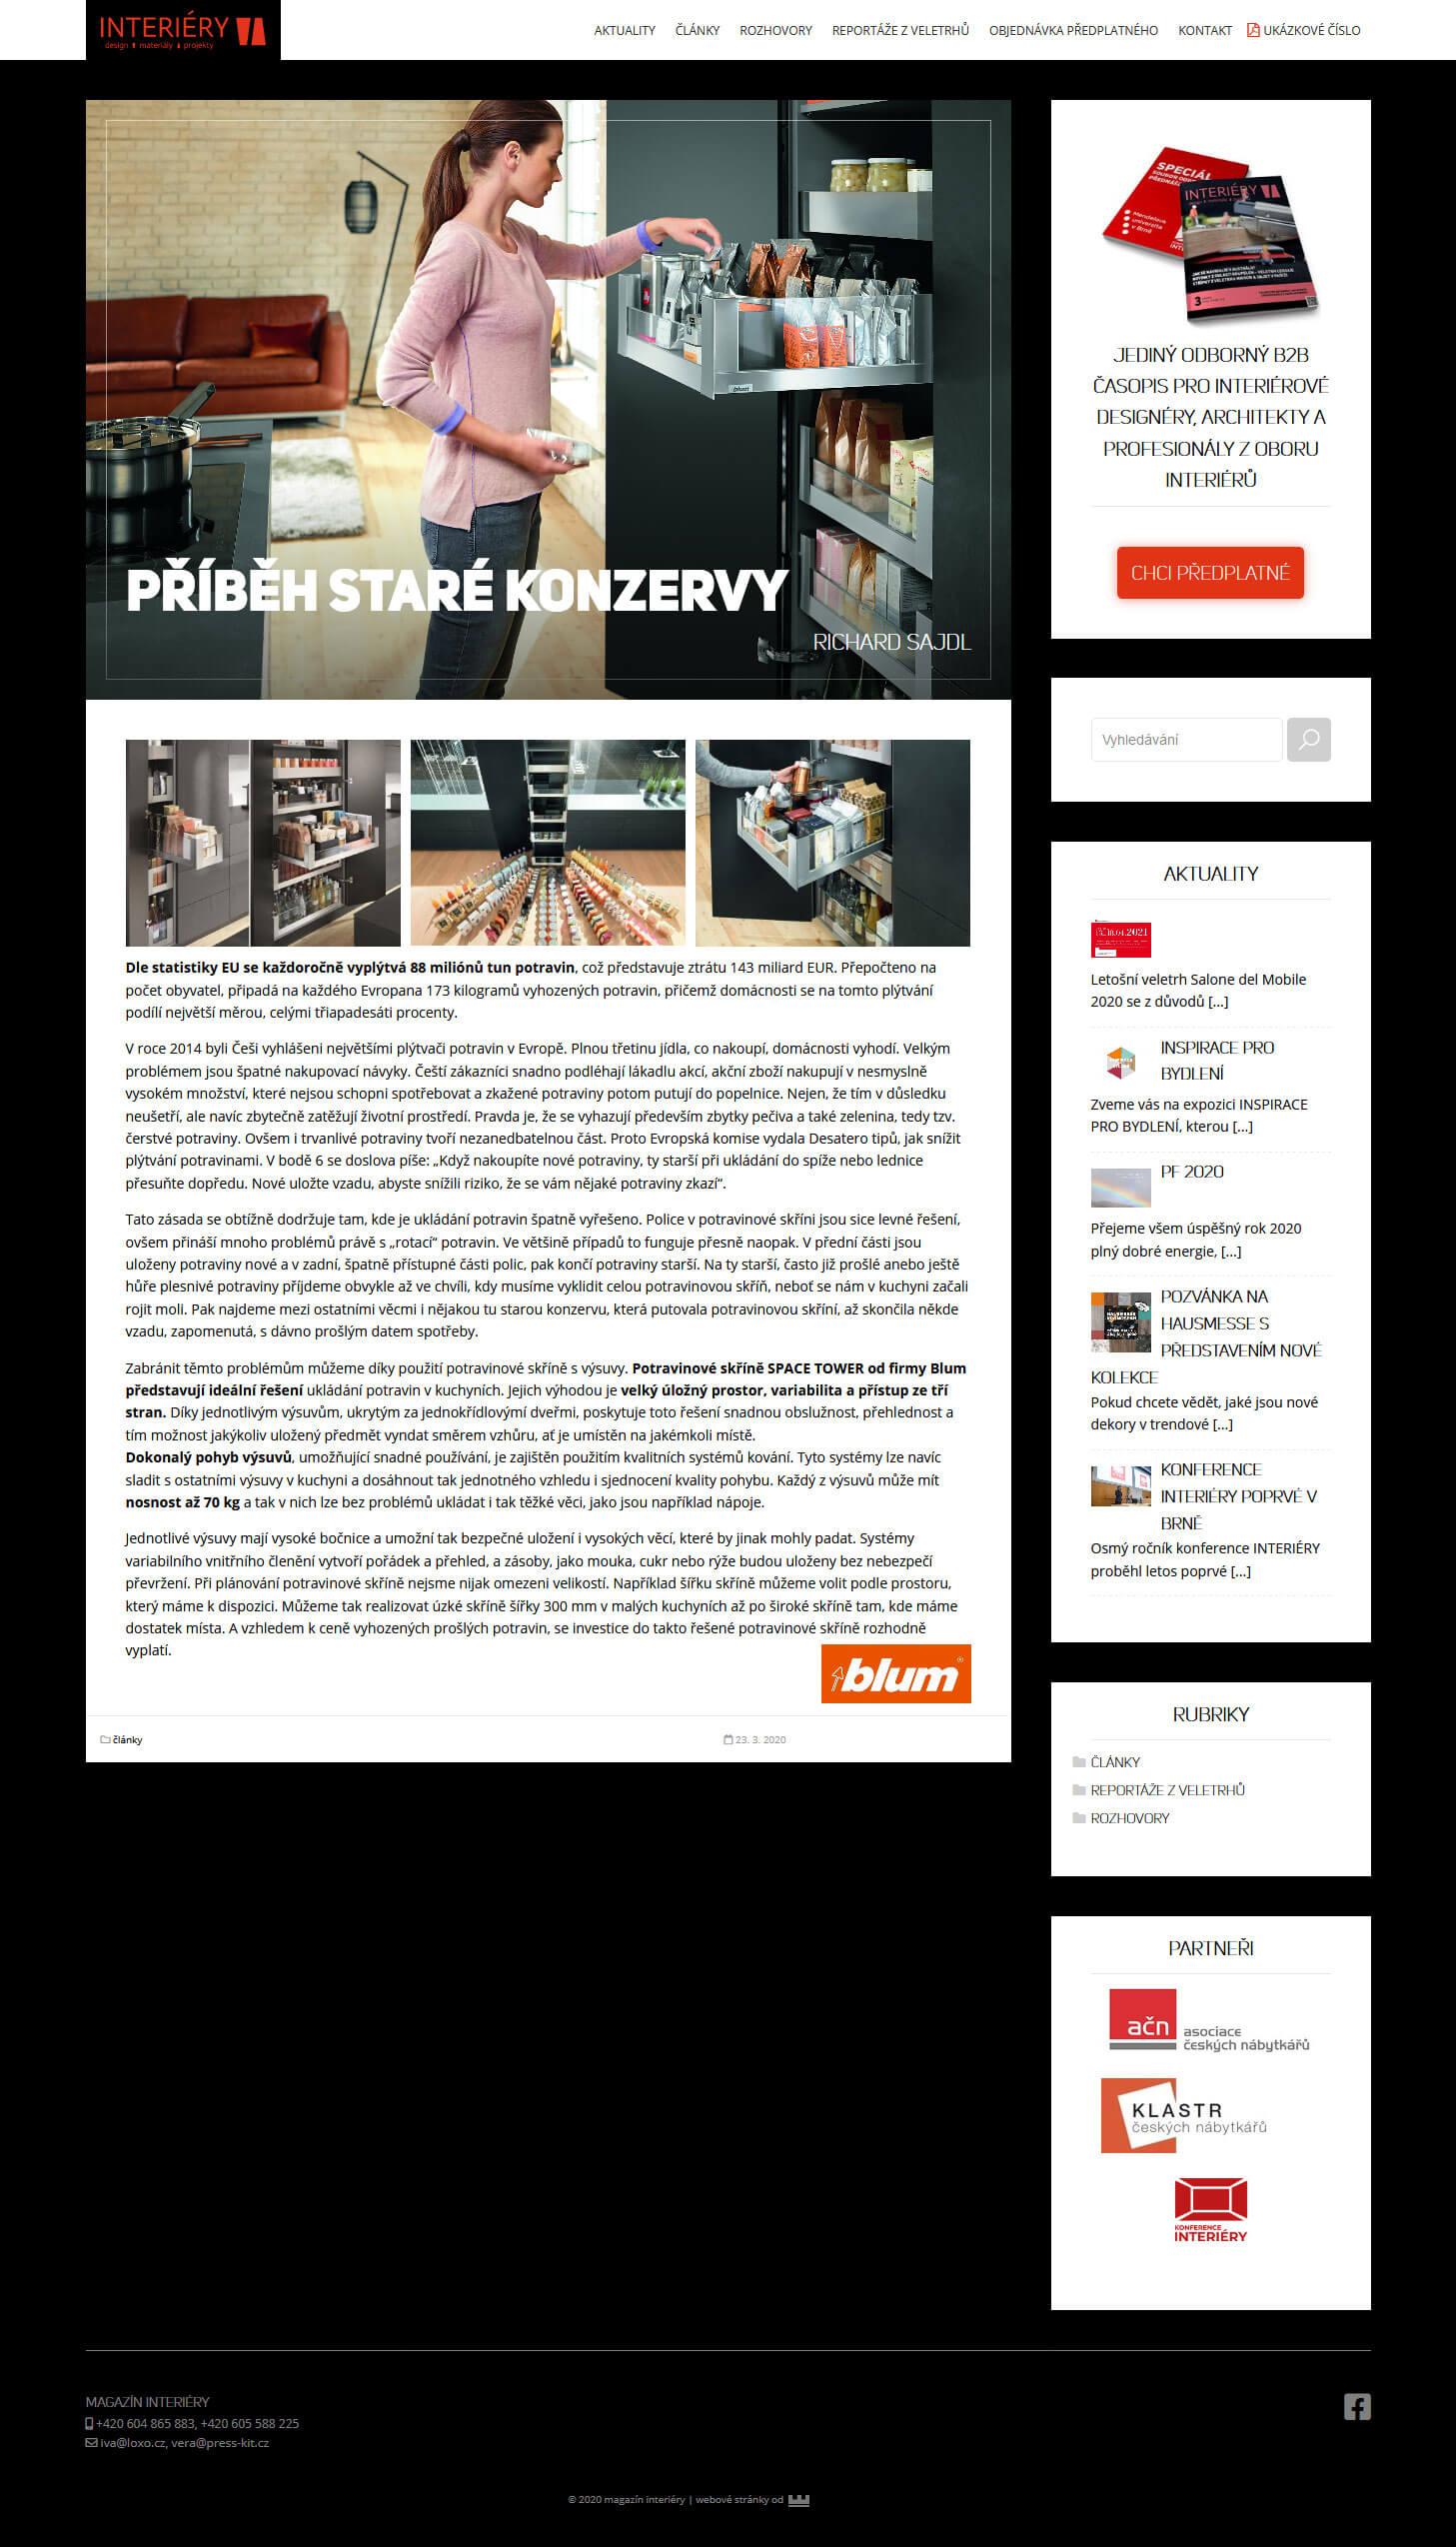 tvorba stránek časopis interiéry